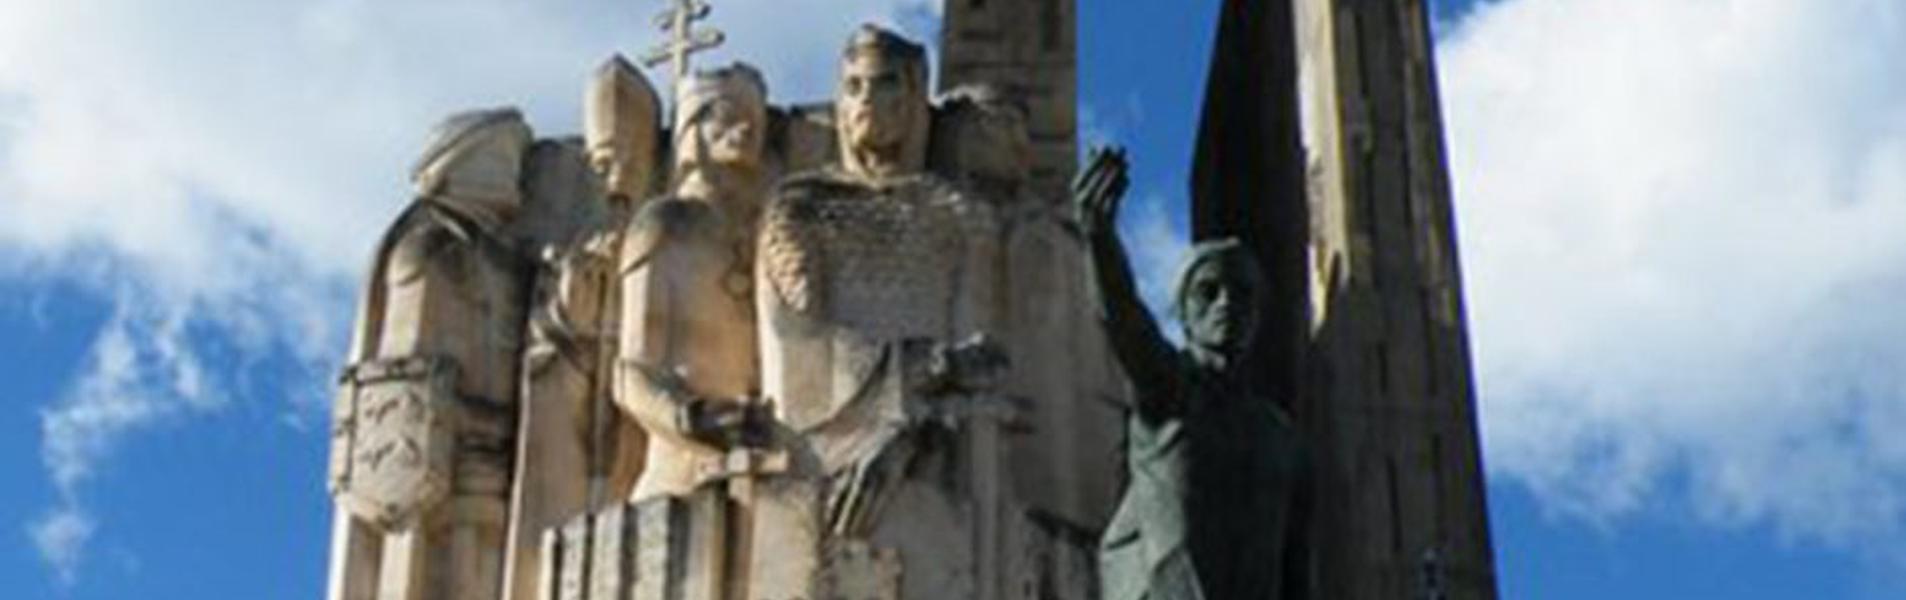 Monumento de La Carolina o de las Navas de Tolosa